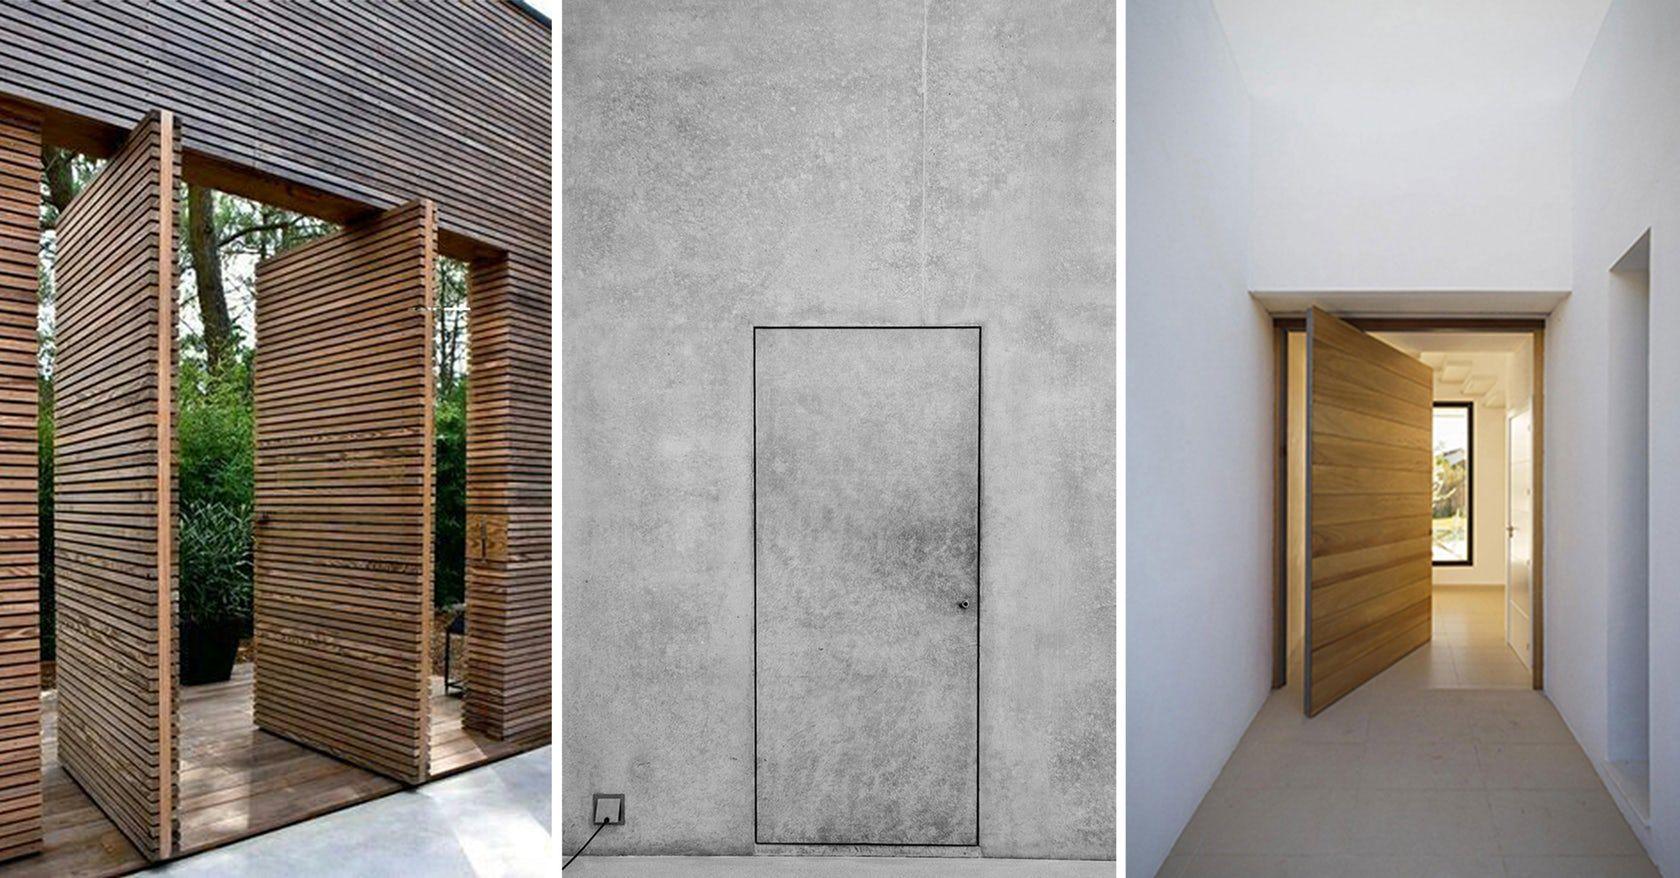 Pin By Wooden Window On Materials Doors Hidden Door Architecture Details